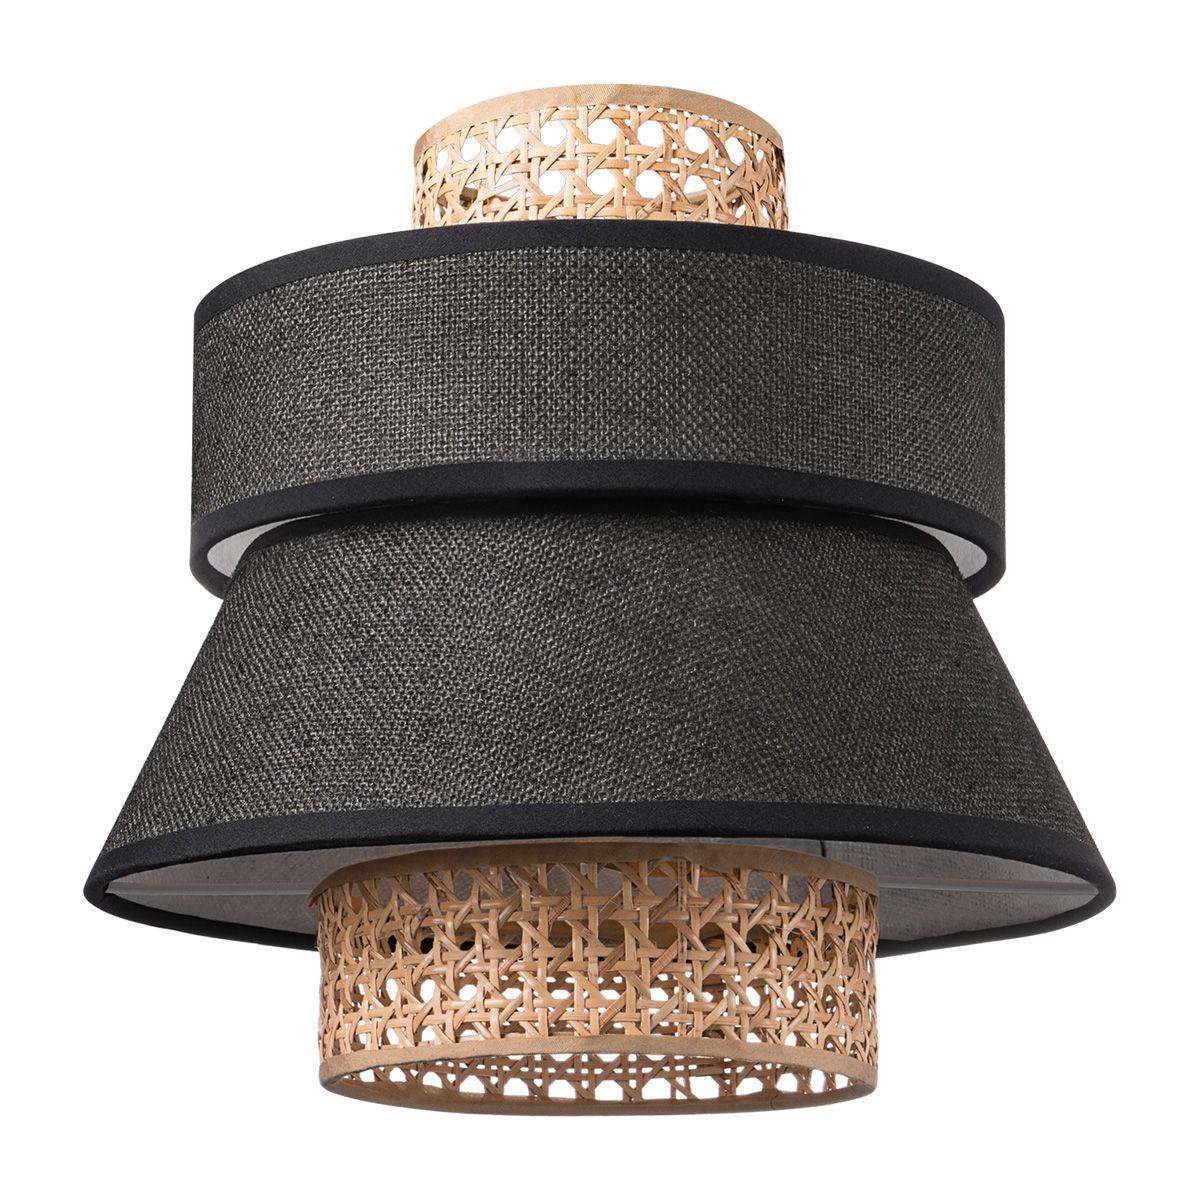 Home sweet home lampenkap Cane weave - linnen - zwart